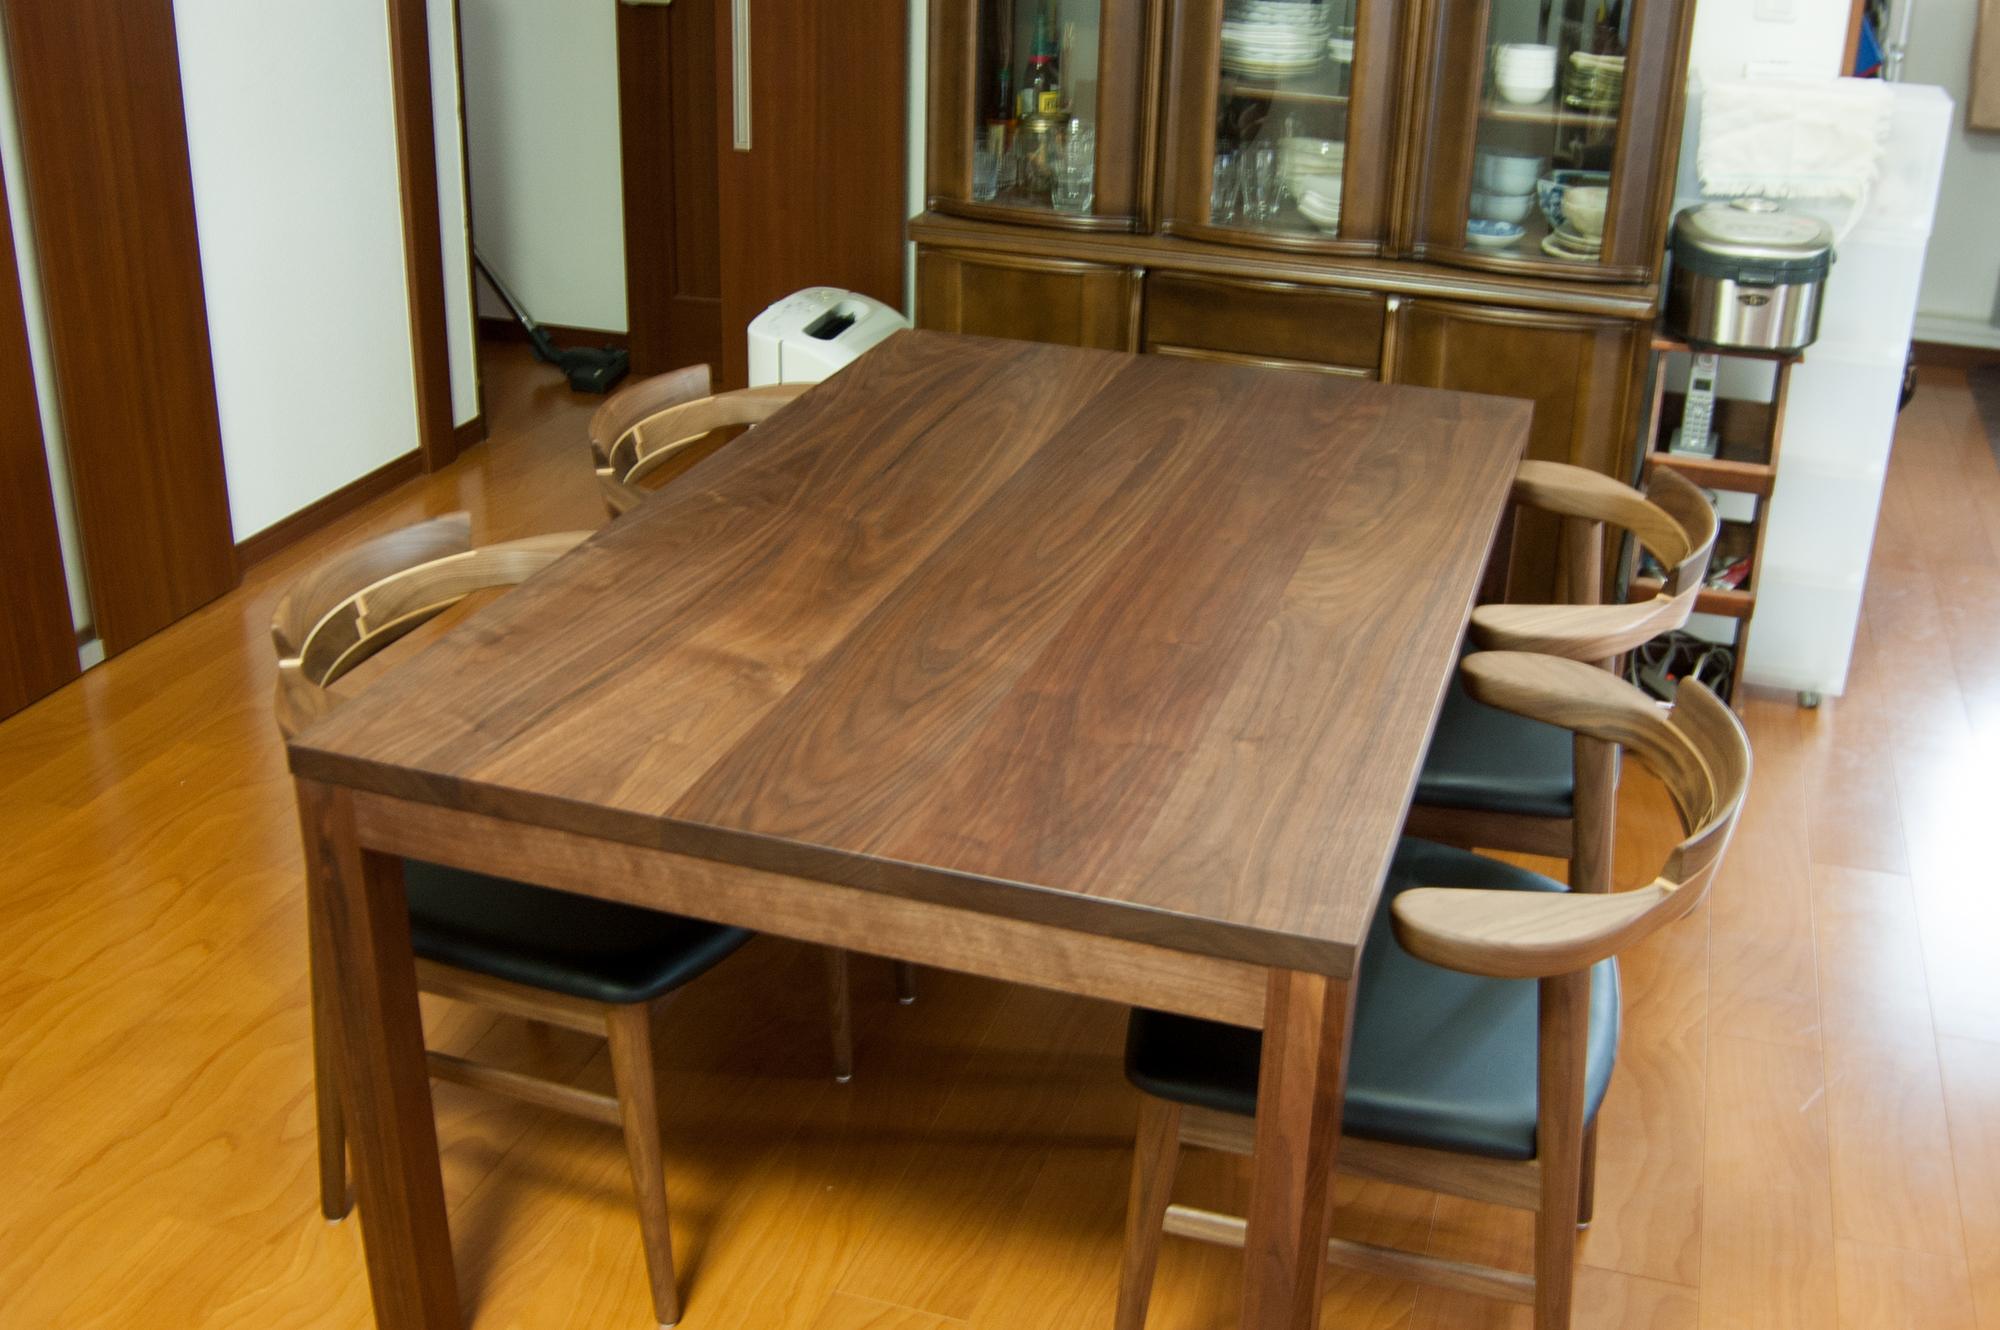 ウォールナット材のスタンダードテーブル・タイプ2のダイニングセット